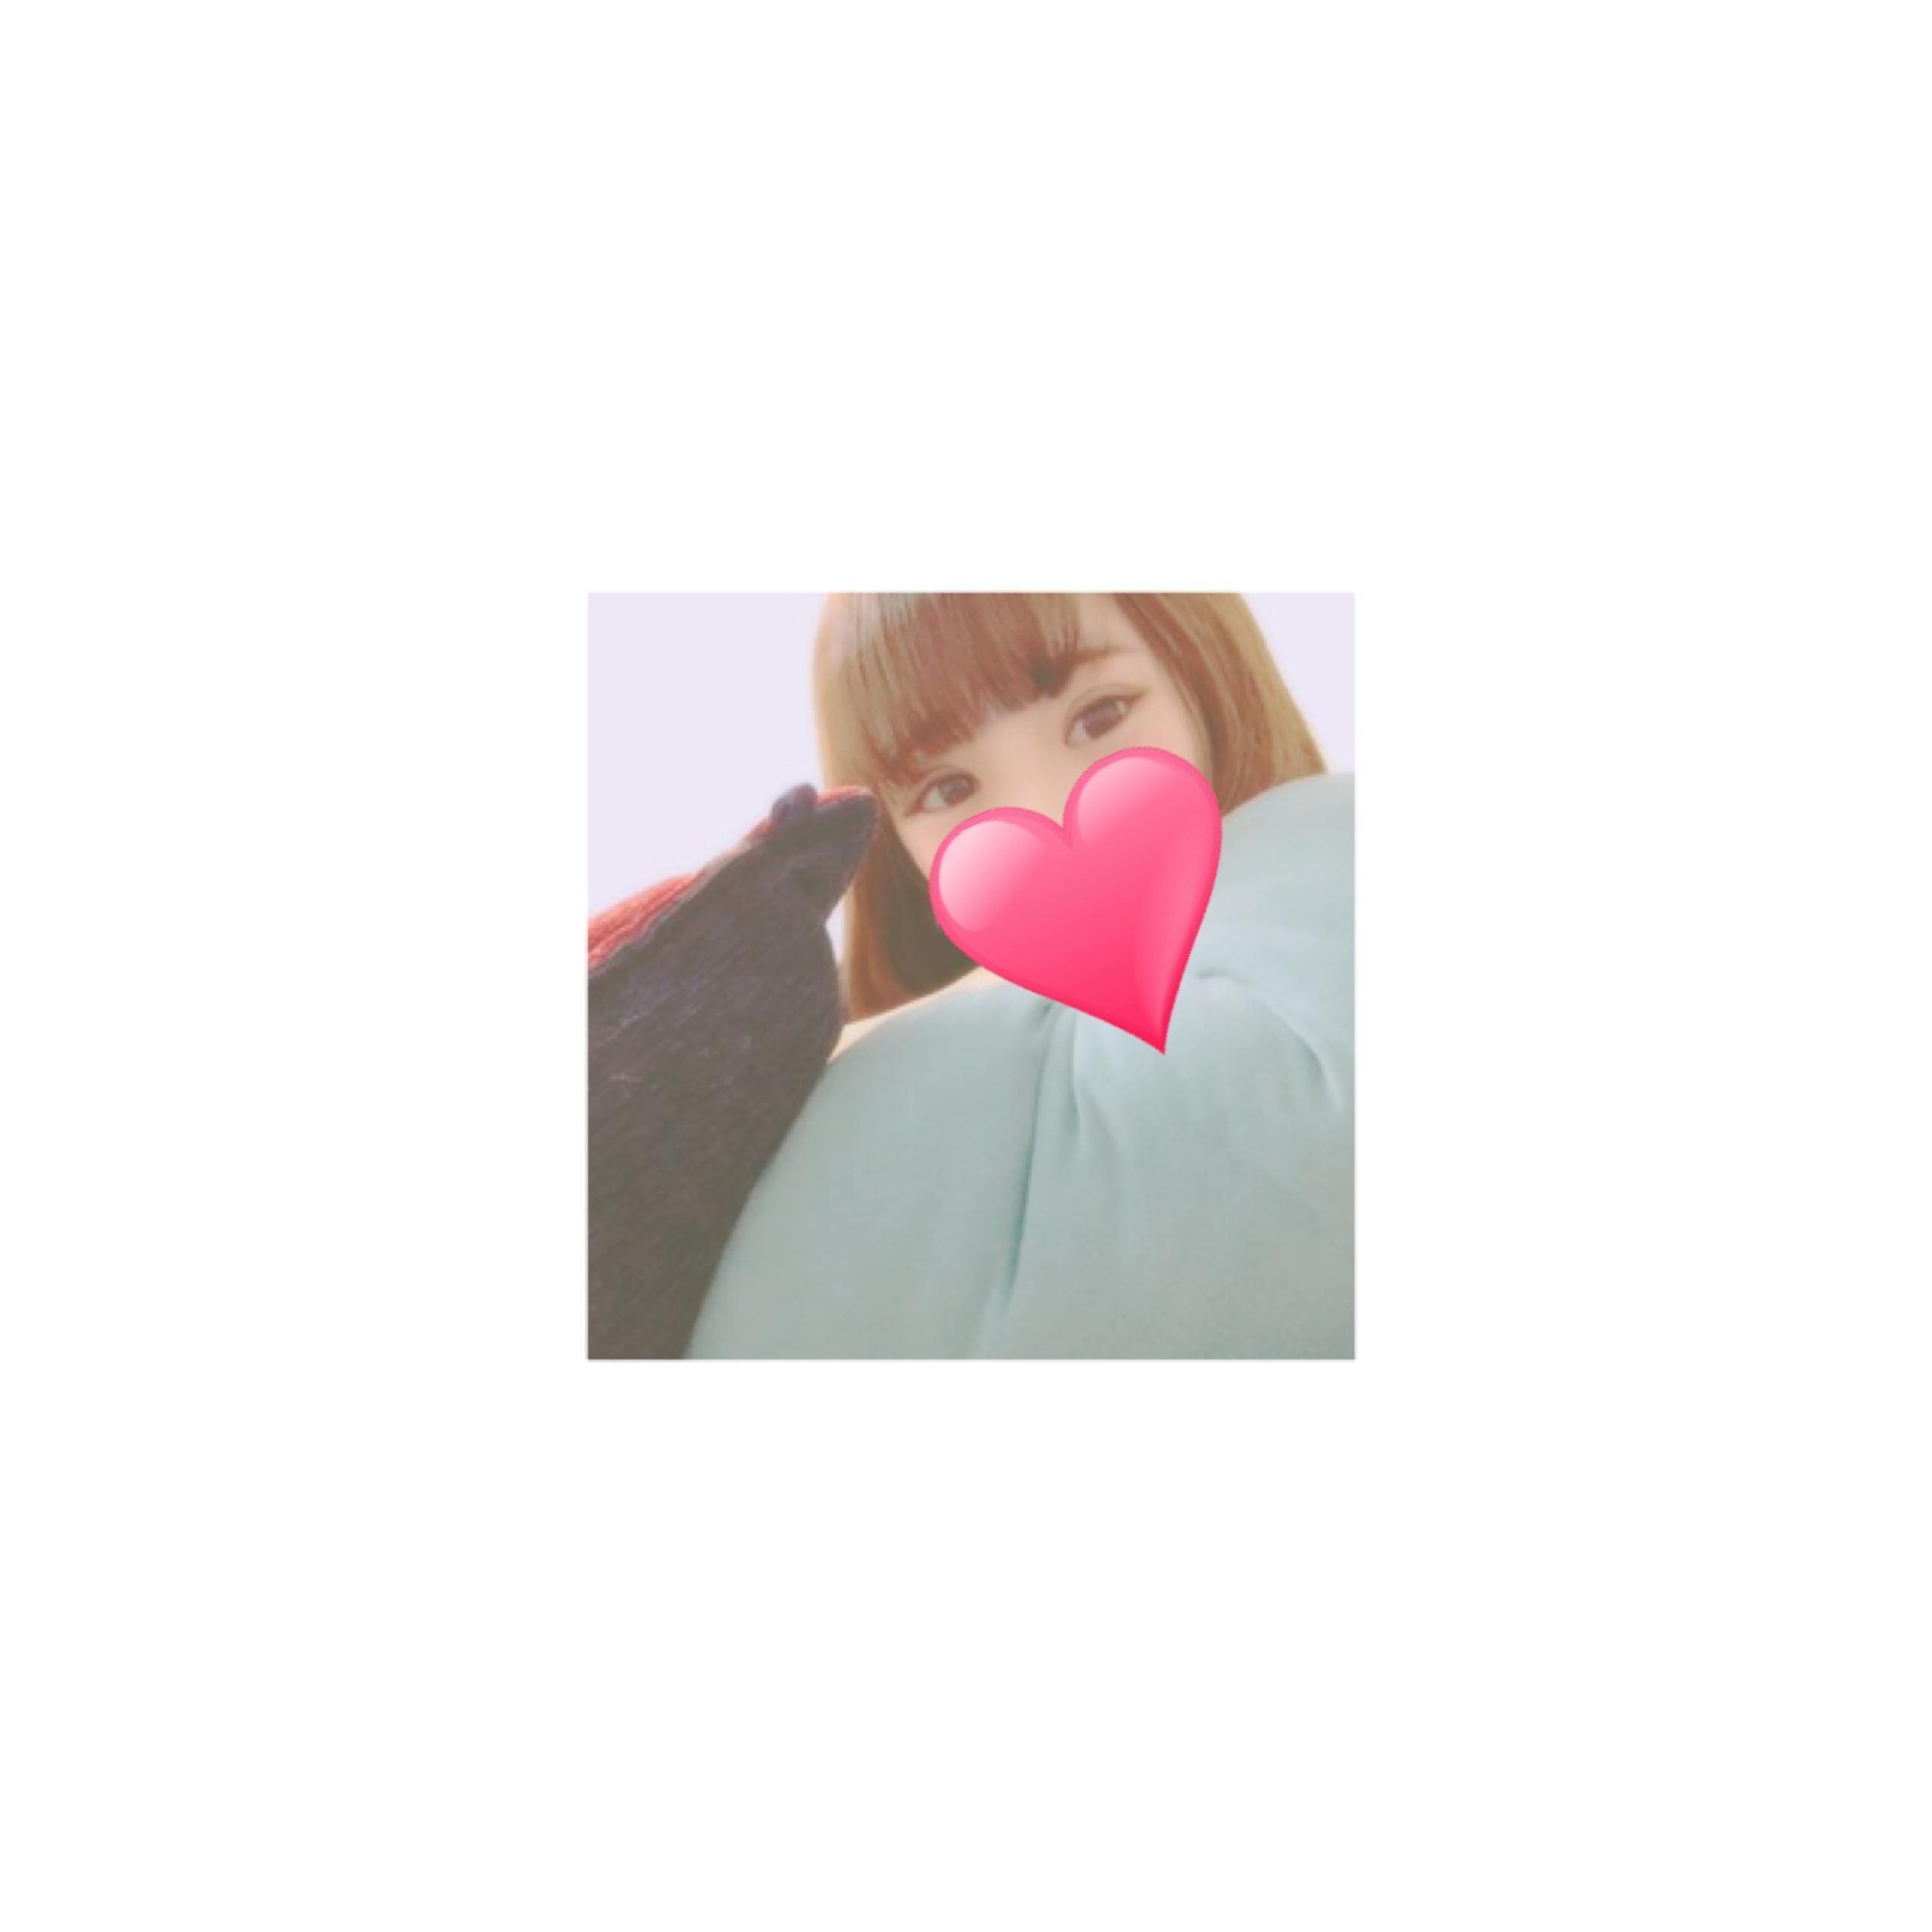 「ぐっすり〜♡」06/04(06/04) 11:19 | もこの写メ・風俗動画